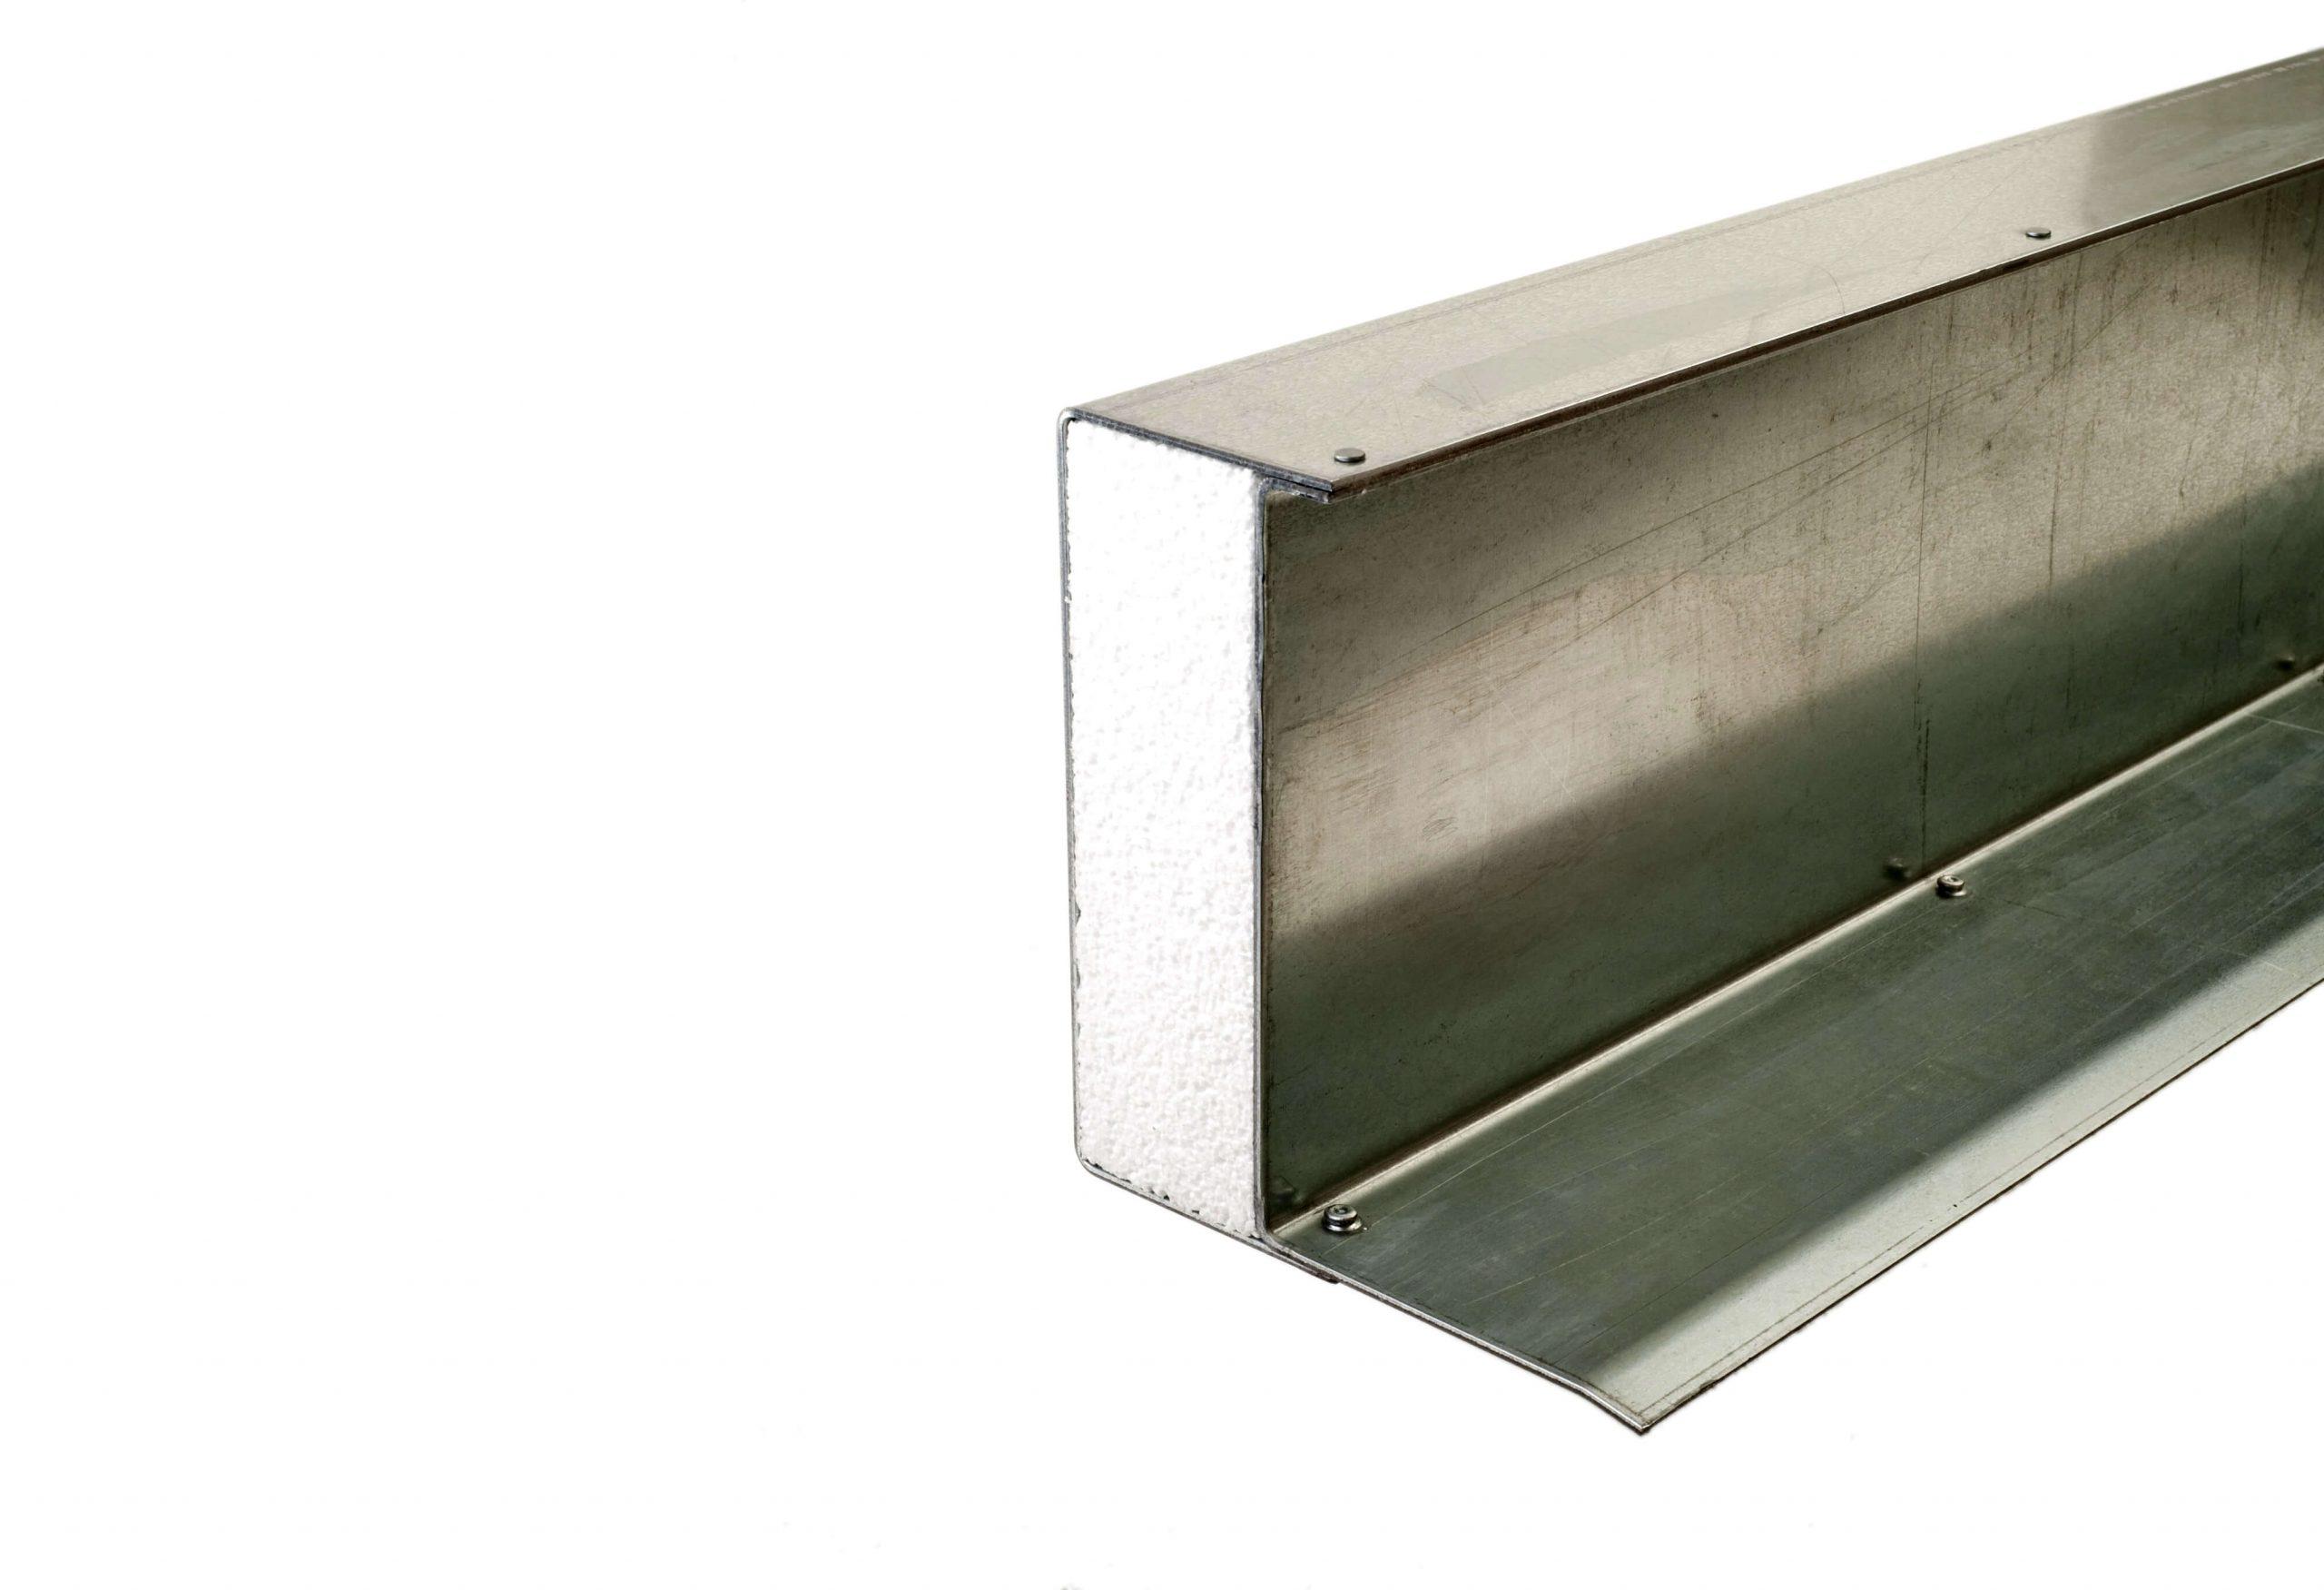 Catnic CN71A | Keystone Box/K-200 | IG Box 200 | Birtley SBL 200